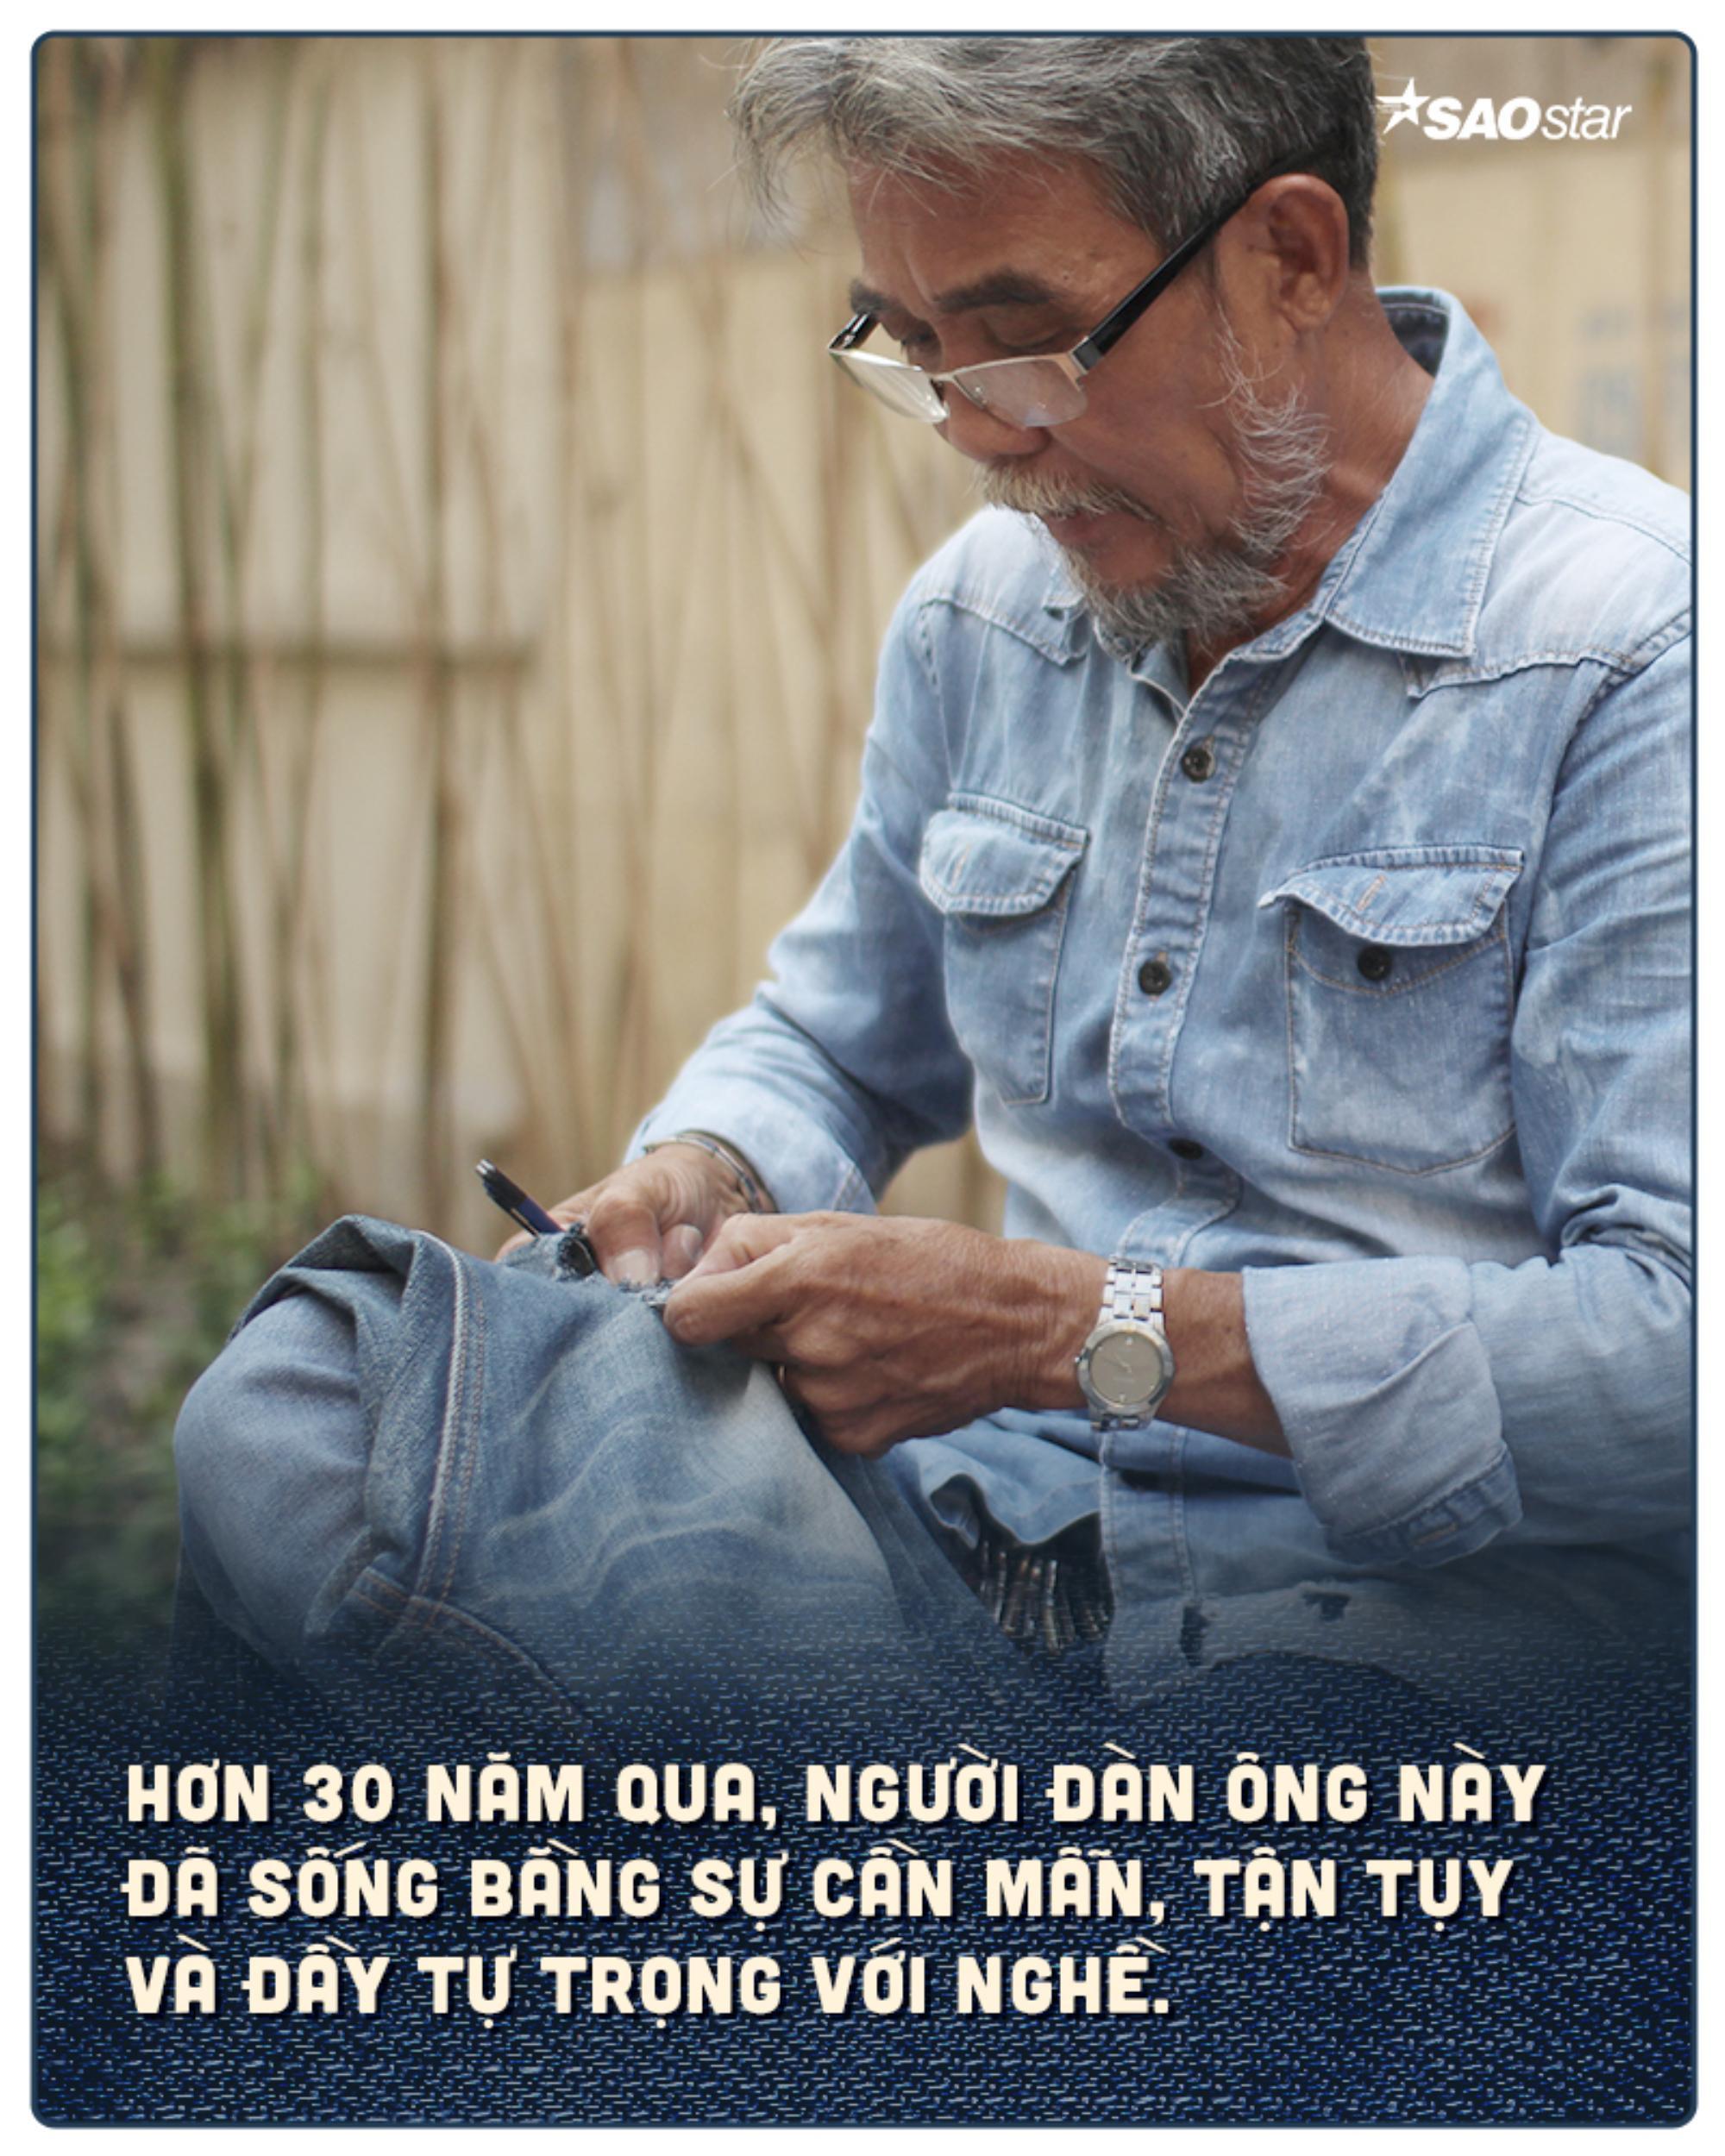 Chuyện nghề buồn vui của người đàn ông 30 năm làm nghề xé quần jean ở Sài Gòn Ảnh 4